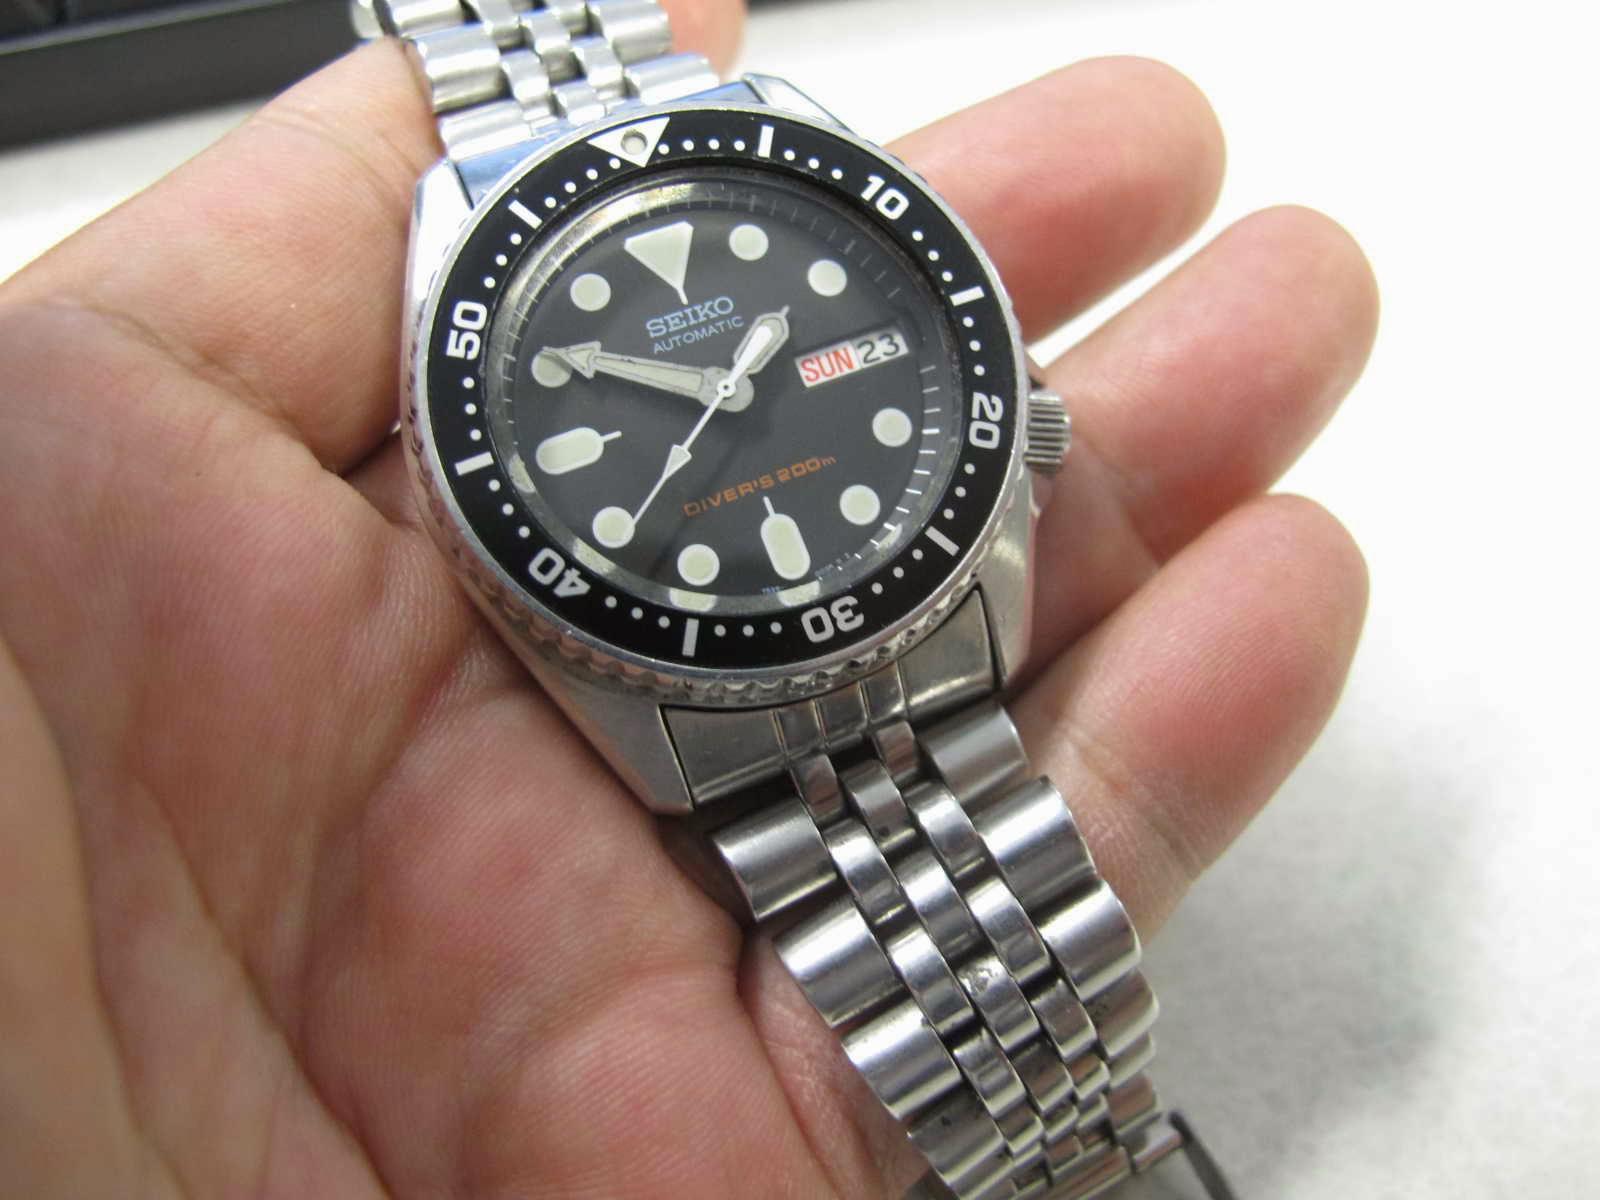 Cocok untuk Anda yang sedang mencari jam tangan Diver dengan ukuran pas di tangan Anda atau Anda mau memberikan ke kekasih Anda ya monggo